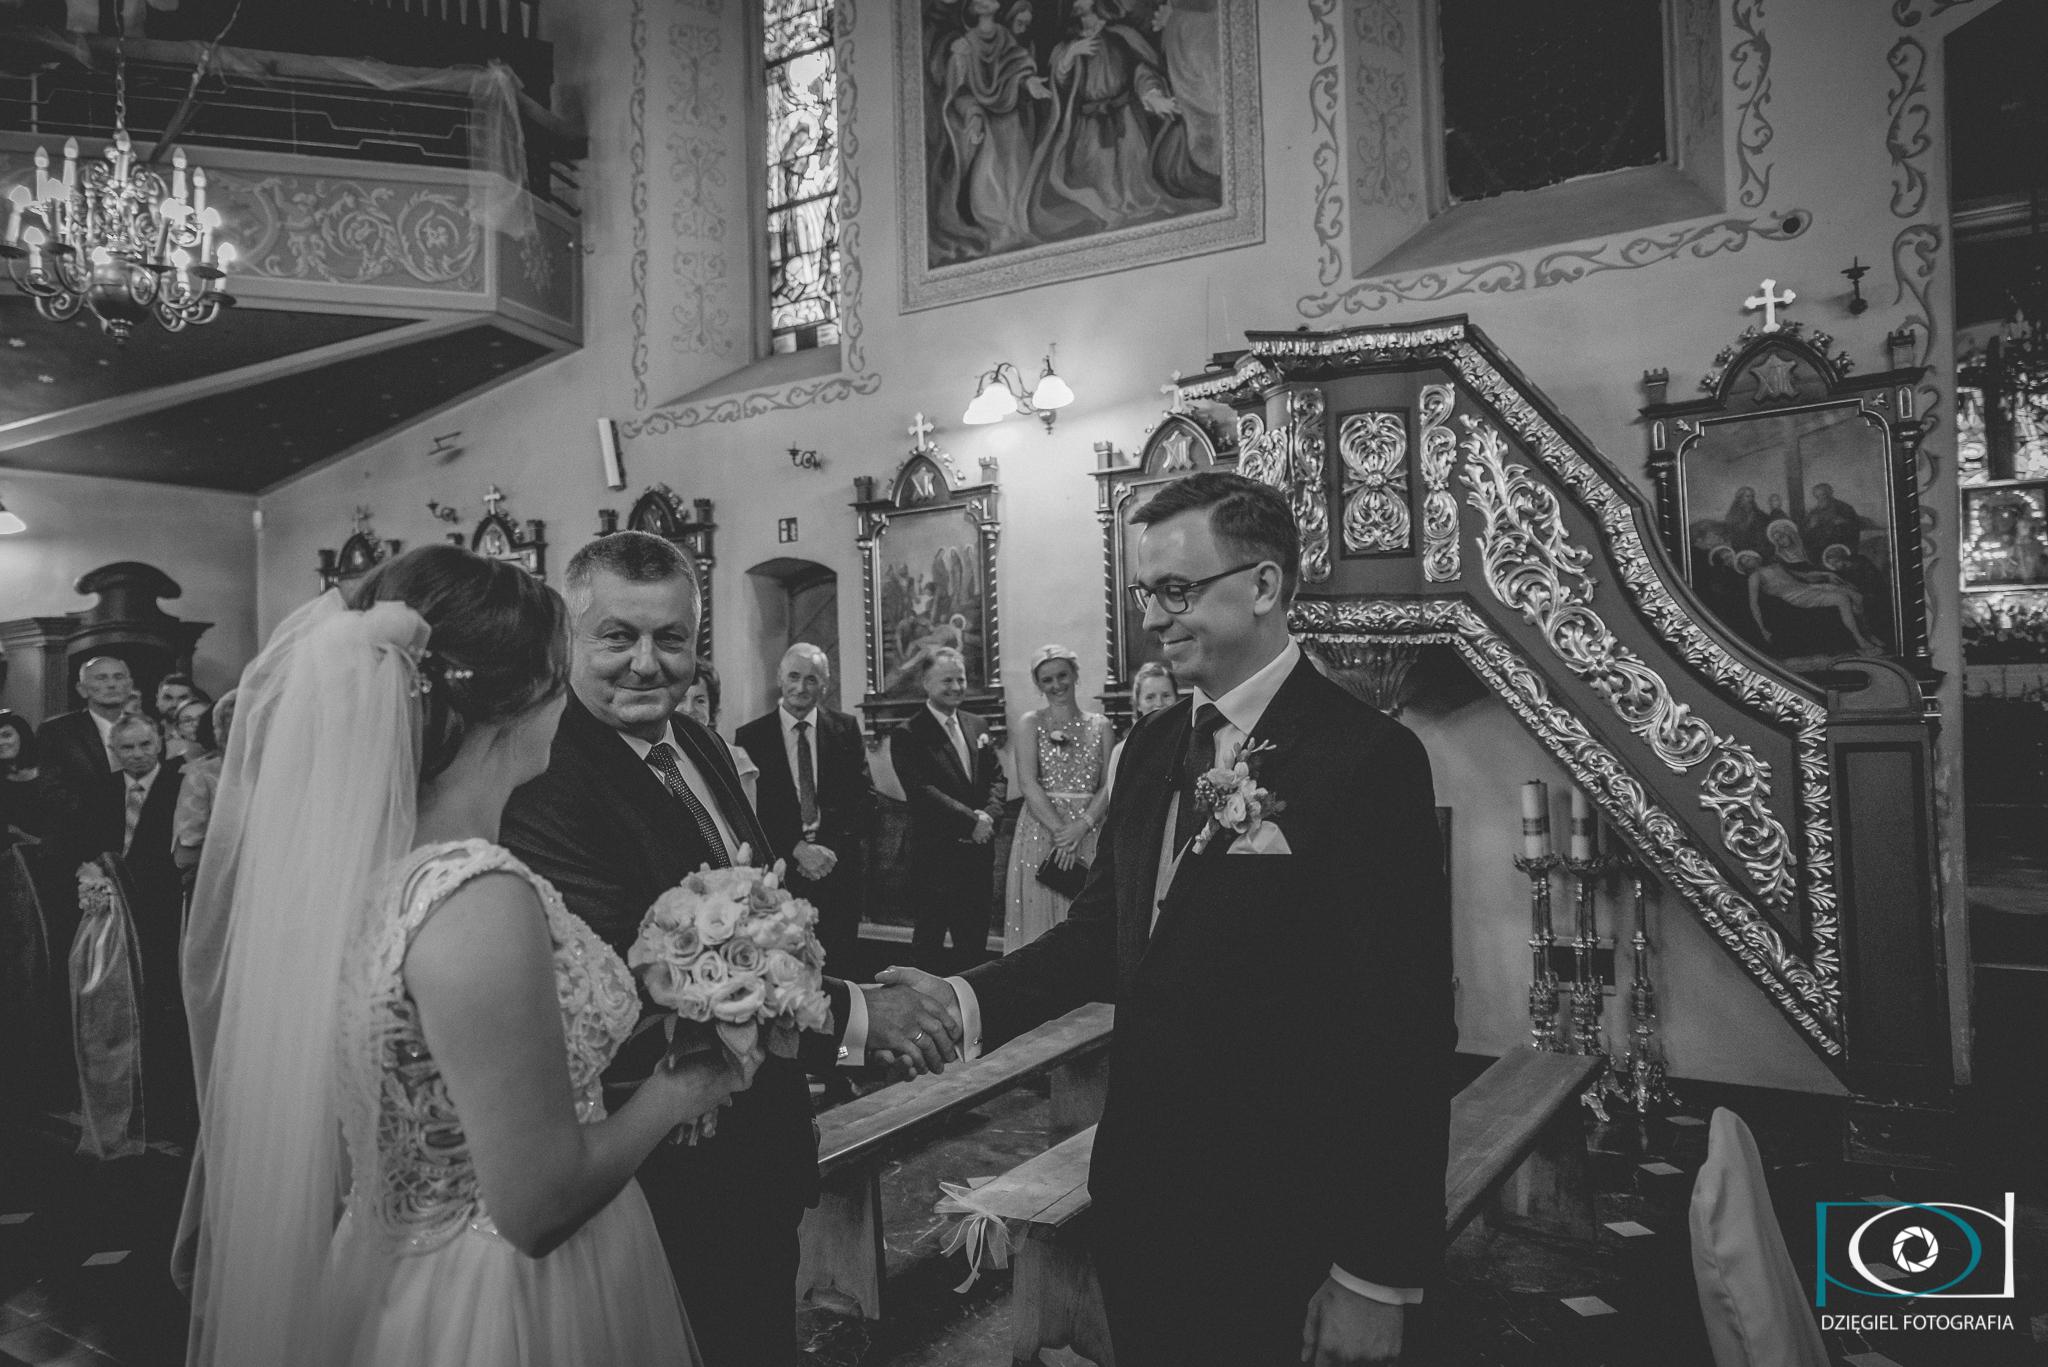 oddanie pani młodej przy ołtarzu panu młodemu ślub